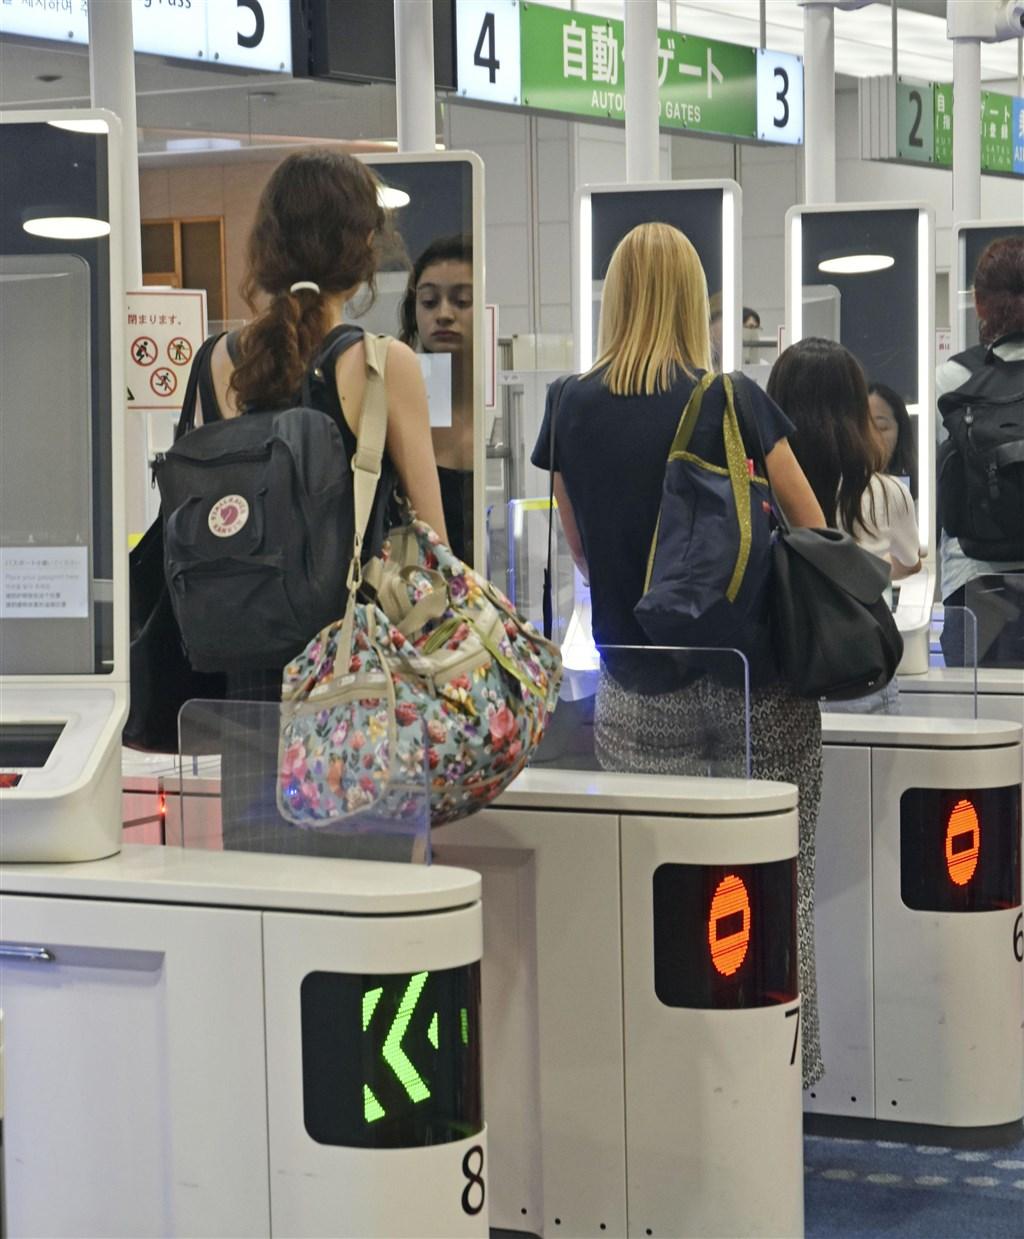 東京的羽田機場7月24日率先實施,最快10秒就可以快速通關,適用台灣晶片護照持有者。(檔案照片/共同社提供)